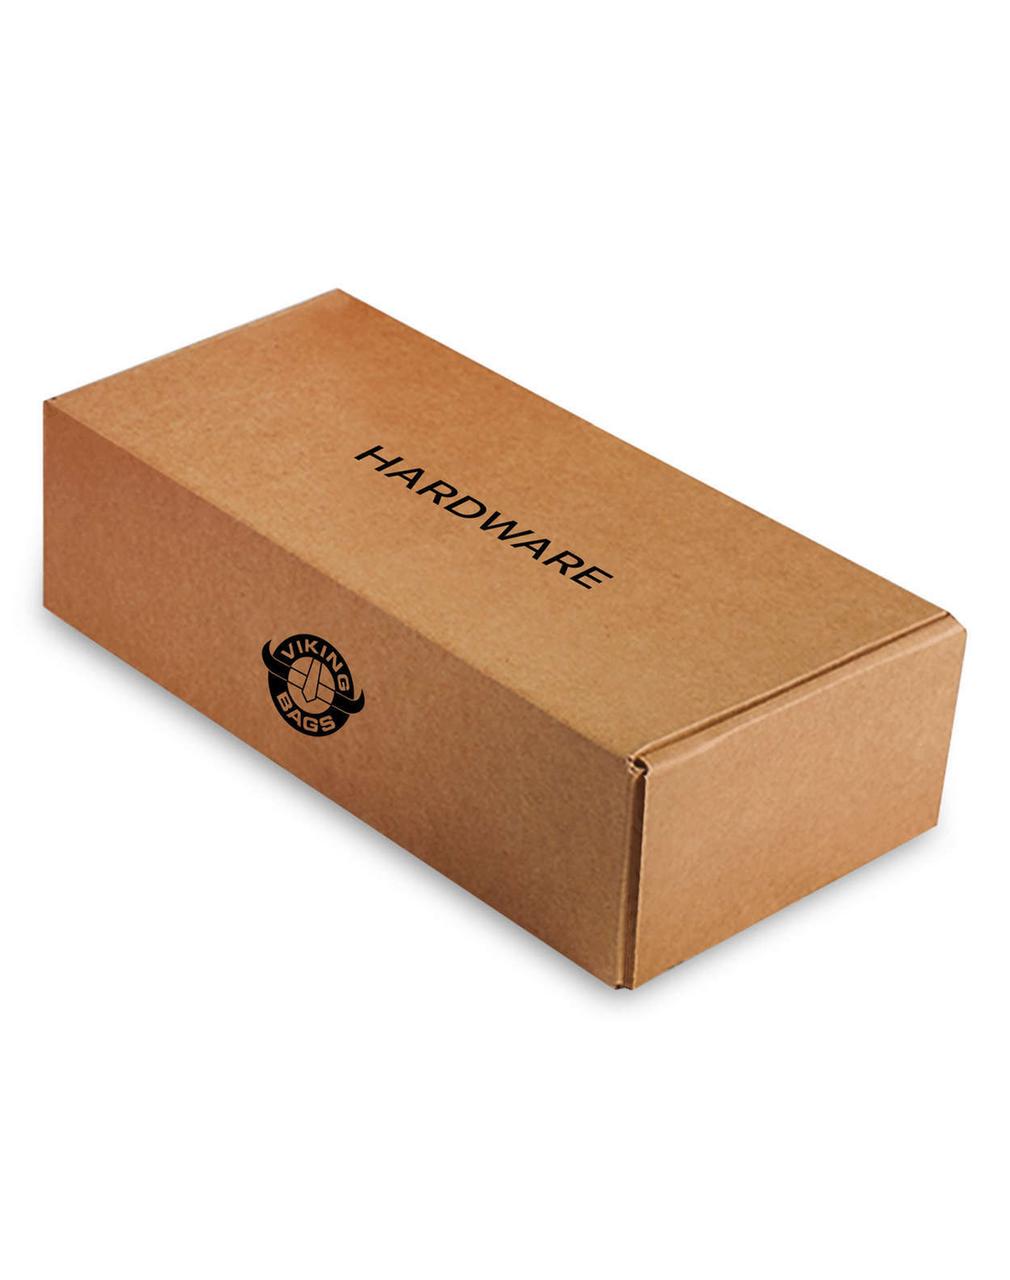 Honda VTX 1300 C Medium Charger Single Strap Studded Motorcycle Saddlebags Hardware Box